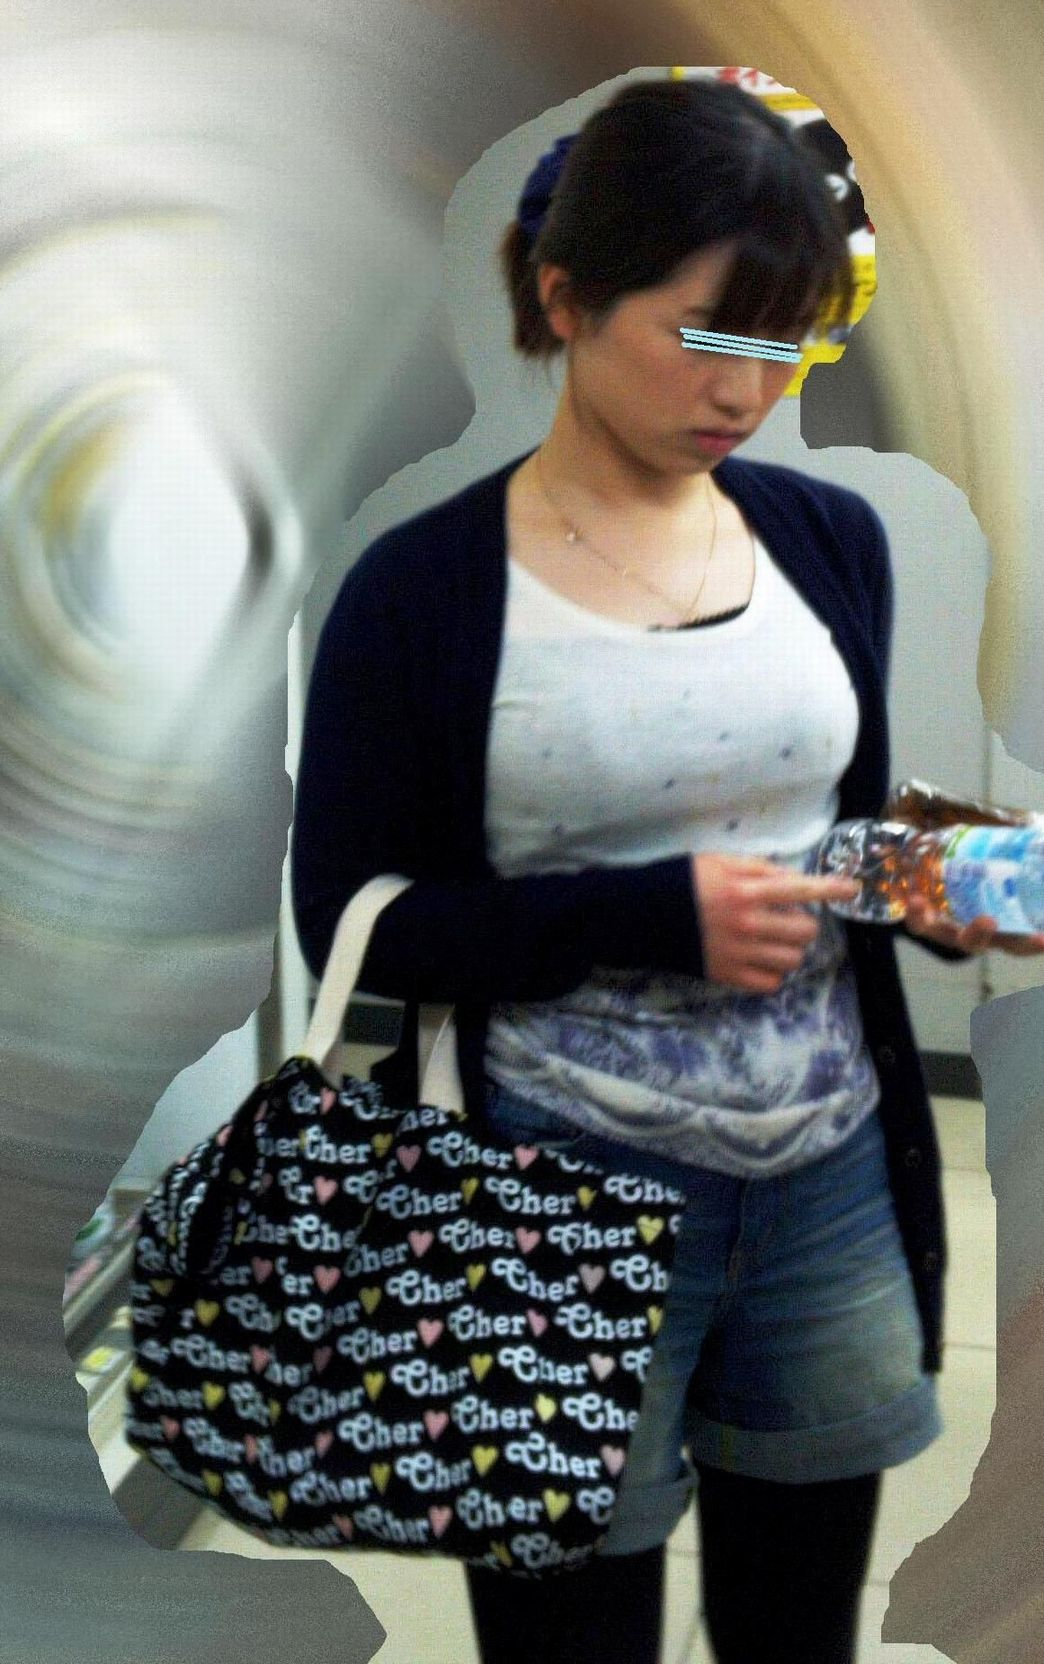 【着胸エロ画像】貧乳にも監視されてますw街で目立ち過ぎ着衣巨乳www 09